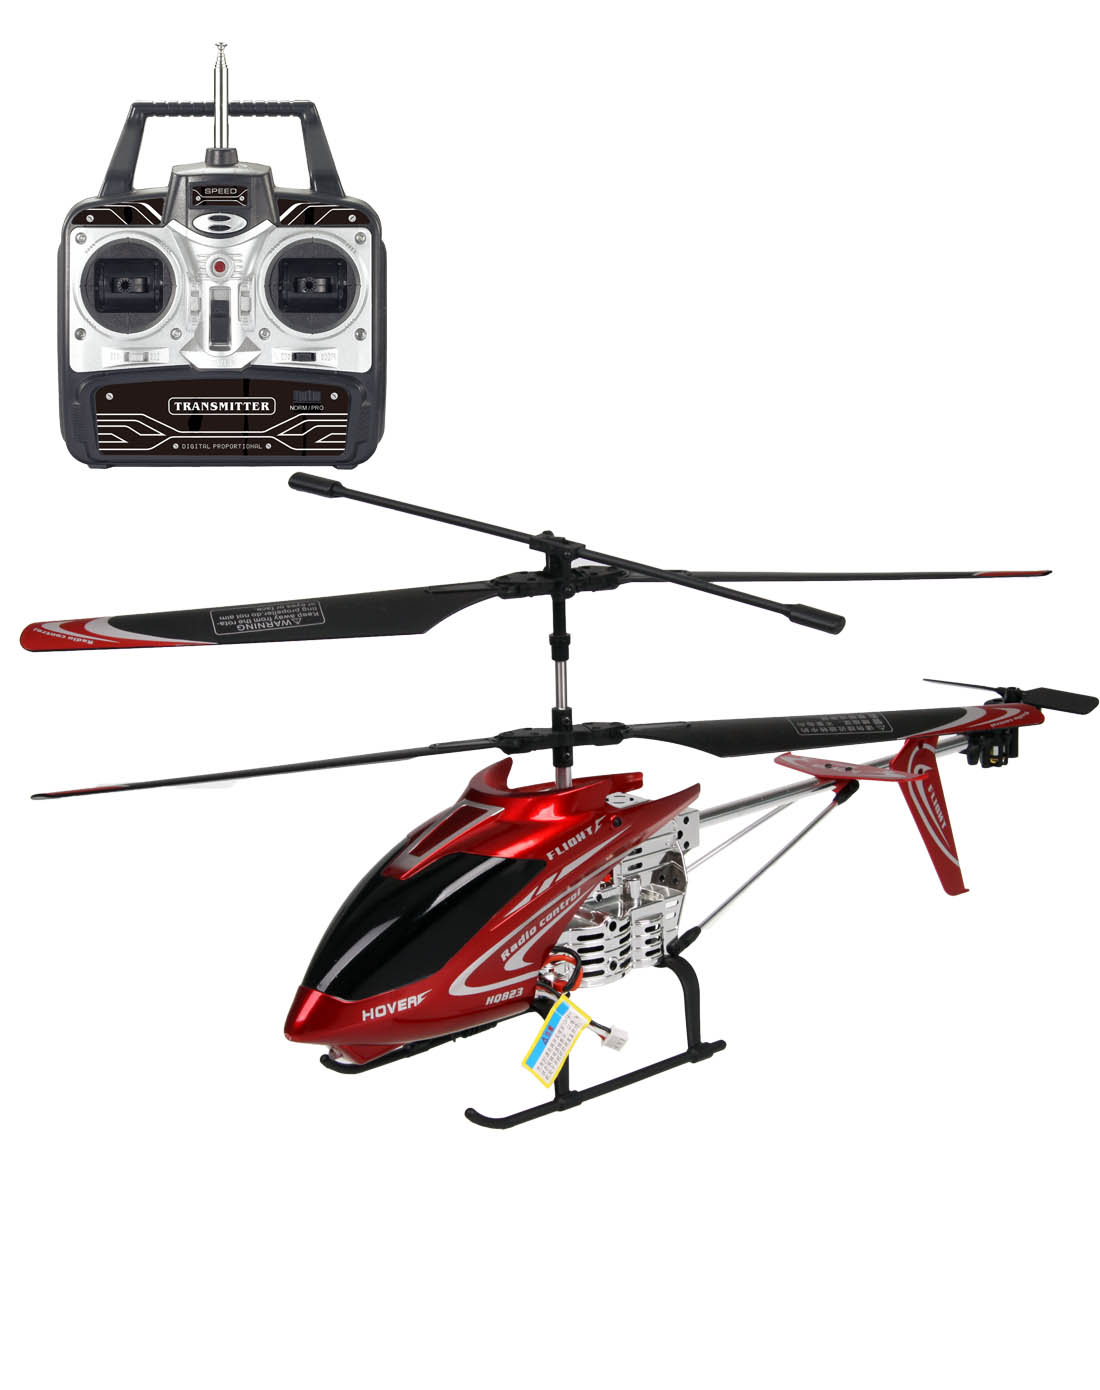 qi玩具专场红外线遥控直升机823